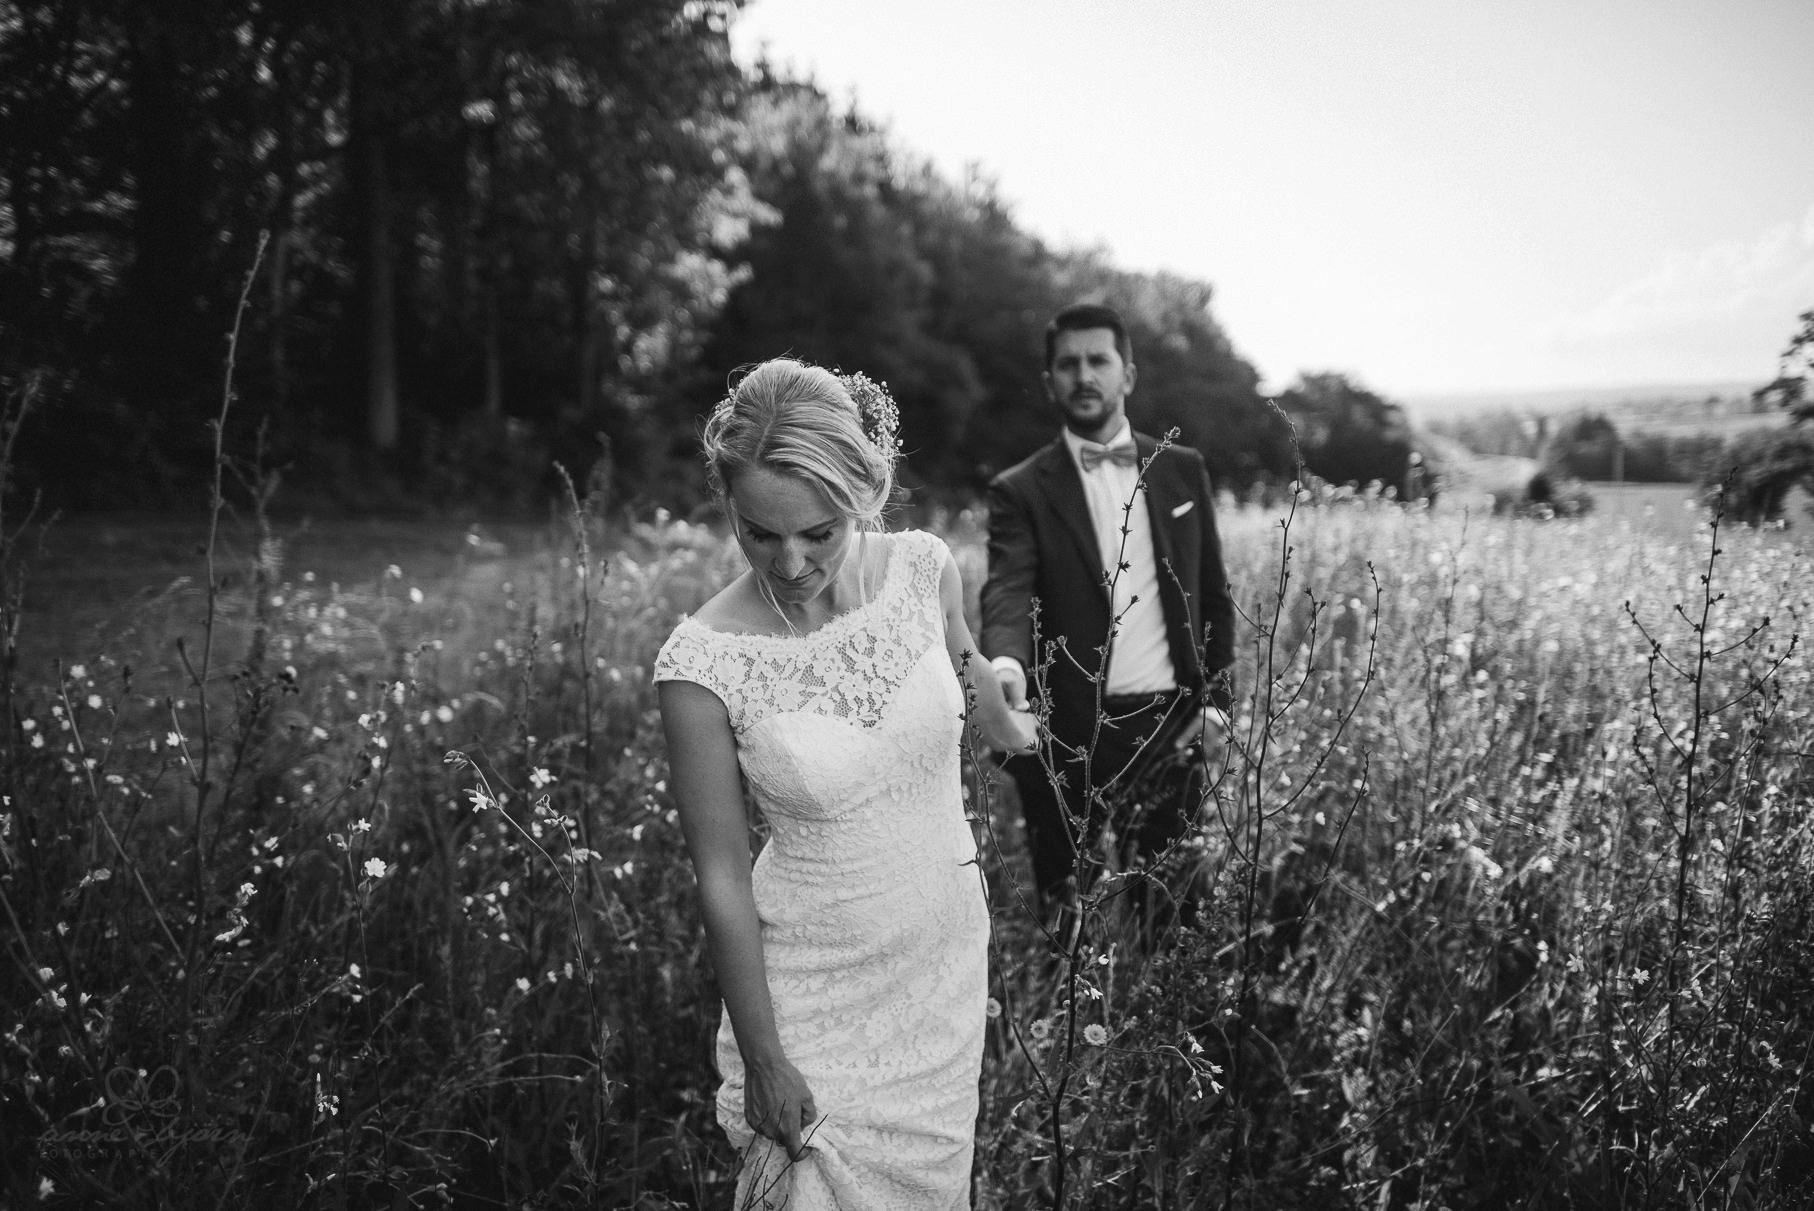 0098 anne und bjoern hochzeit schweiz 811 4496 - DIY Hochzeit in der Schweiz - Sabrina & Christoph